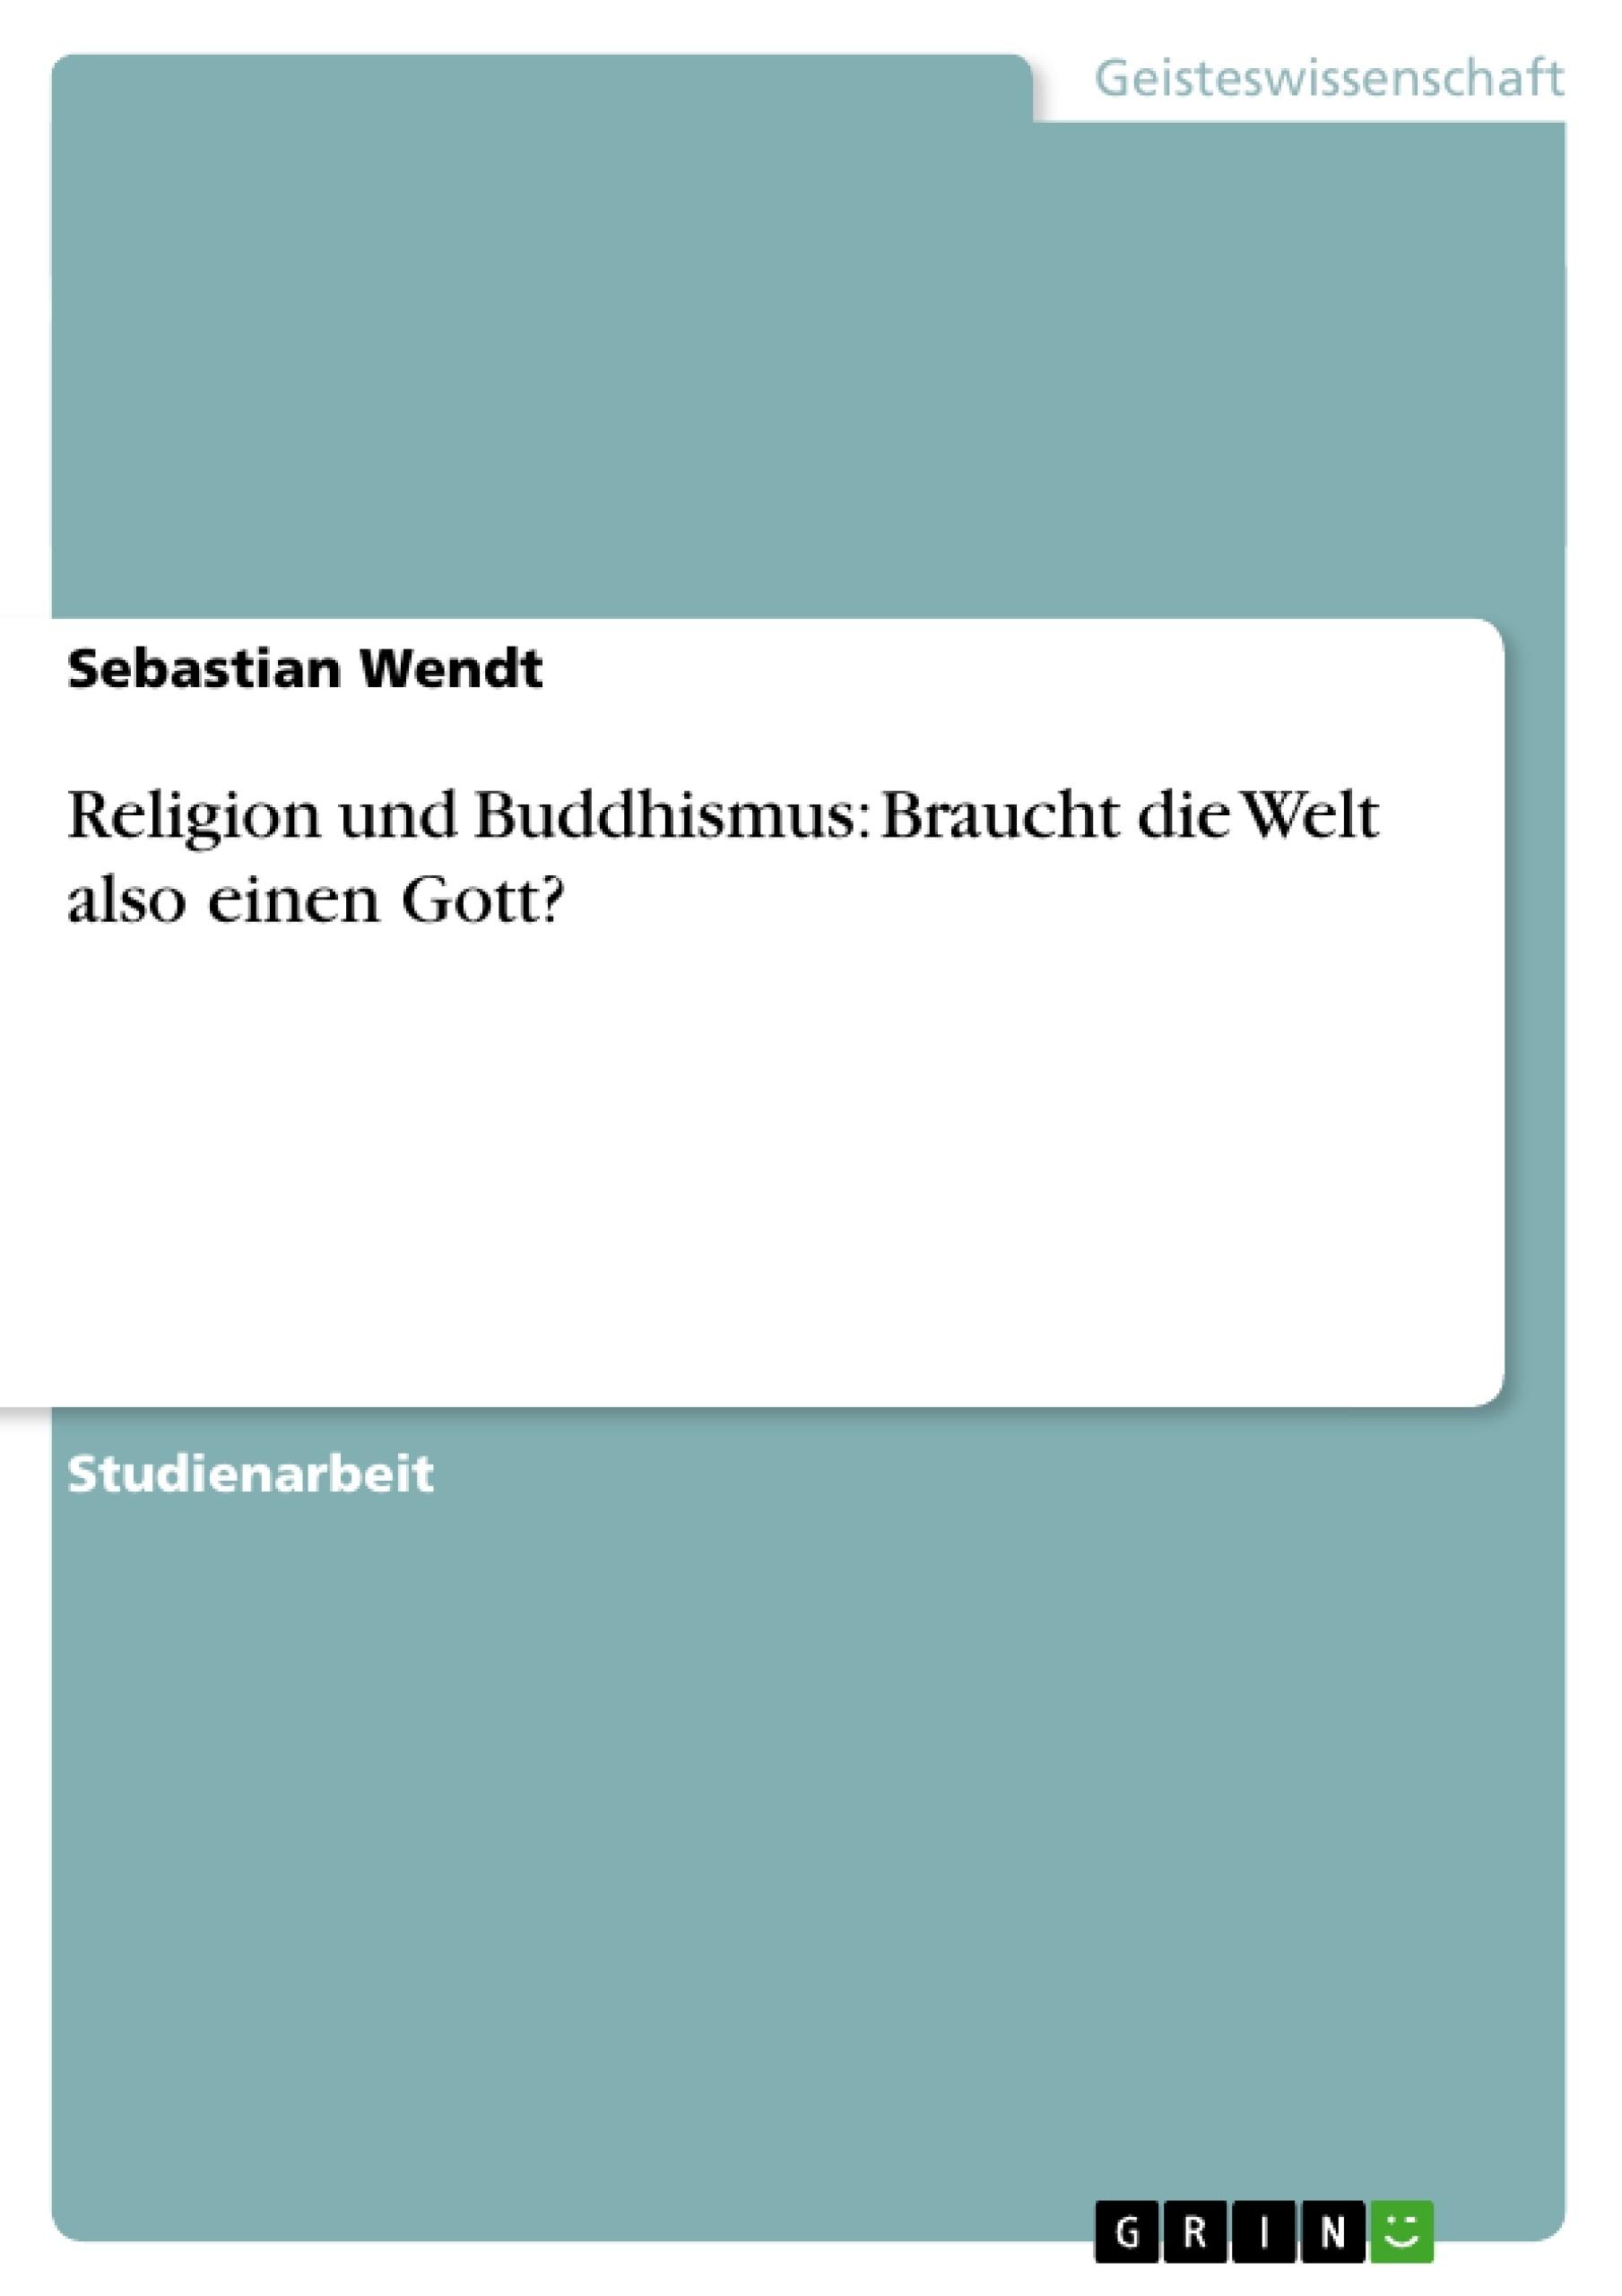 Titel: Religion und Buddhismus: Braucht die Welt also einen Gott?